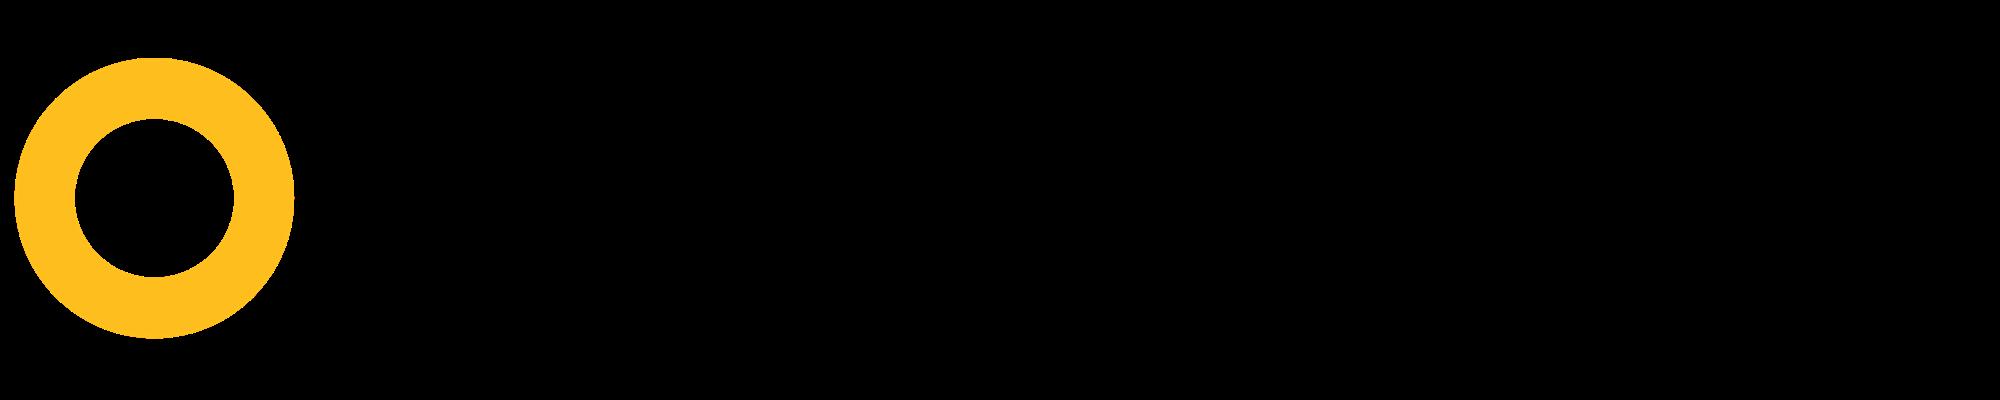 aib-logo-com1